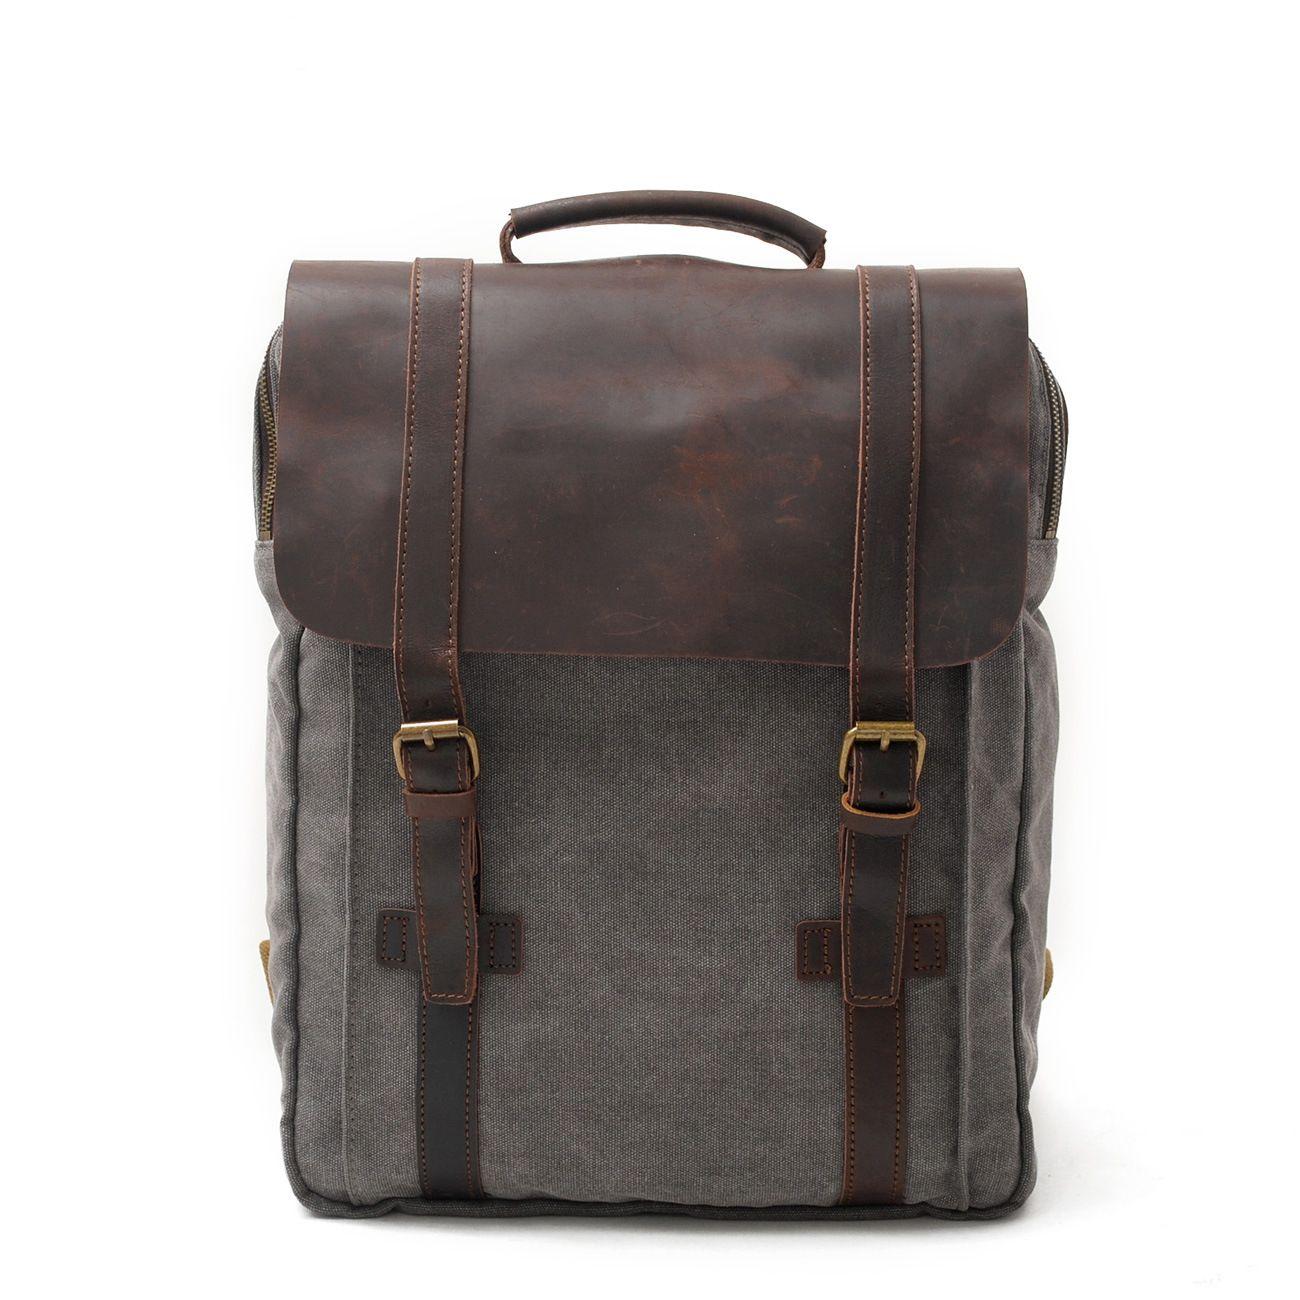 أعلى جودة مصمم الرجعية رجل قماش حقيبة جلد طبيعي عارضة رجل كبير السفر مدرسة طالب حقيبة الكمبيوتر حقائب الظهر